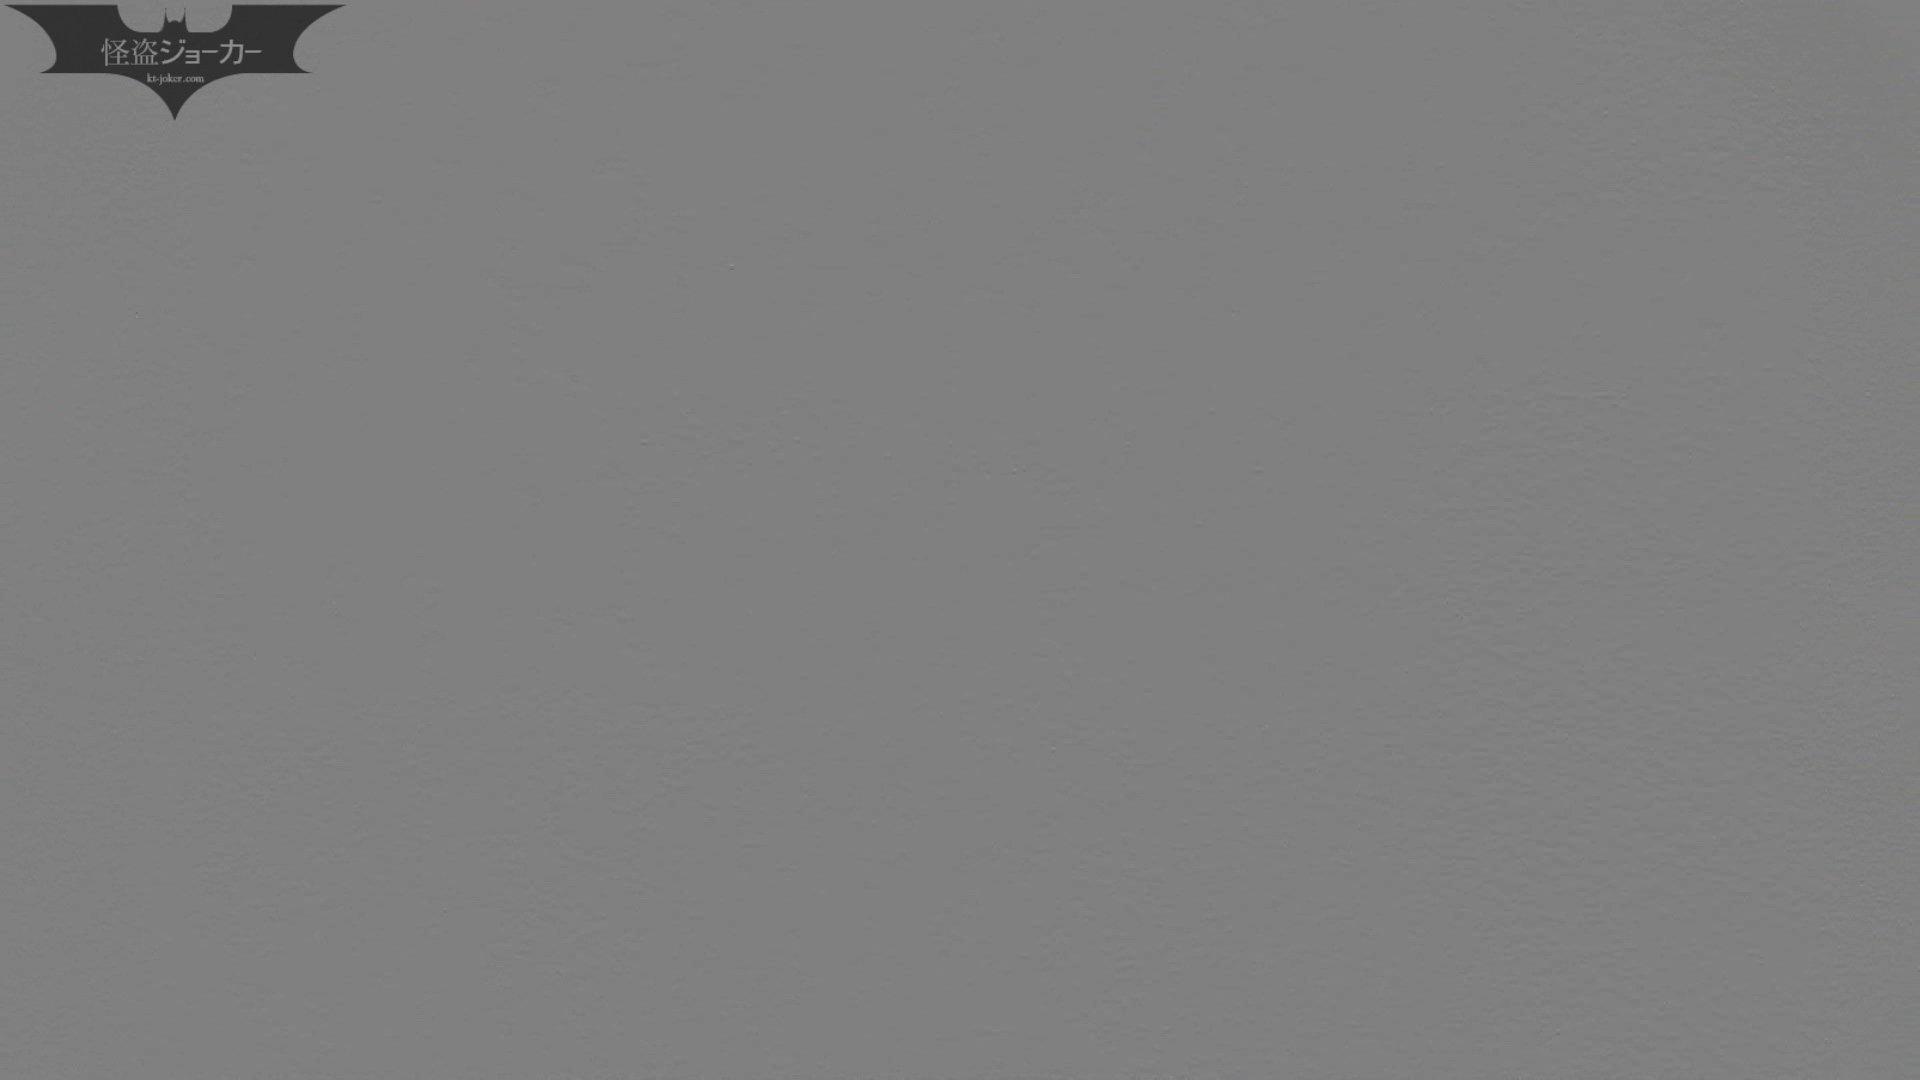 洗面所特攻隊 vol.46続編 サムネの子の・・・【2015・23位】 洗面所着替え | 潜入エロ調査  37連発